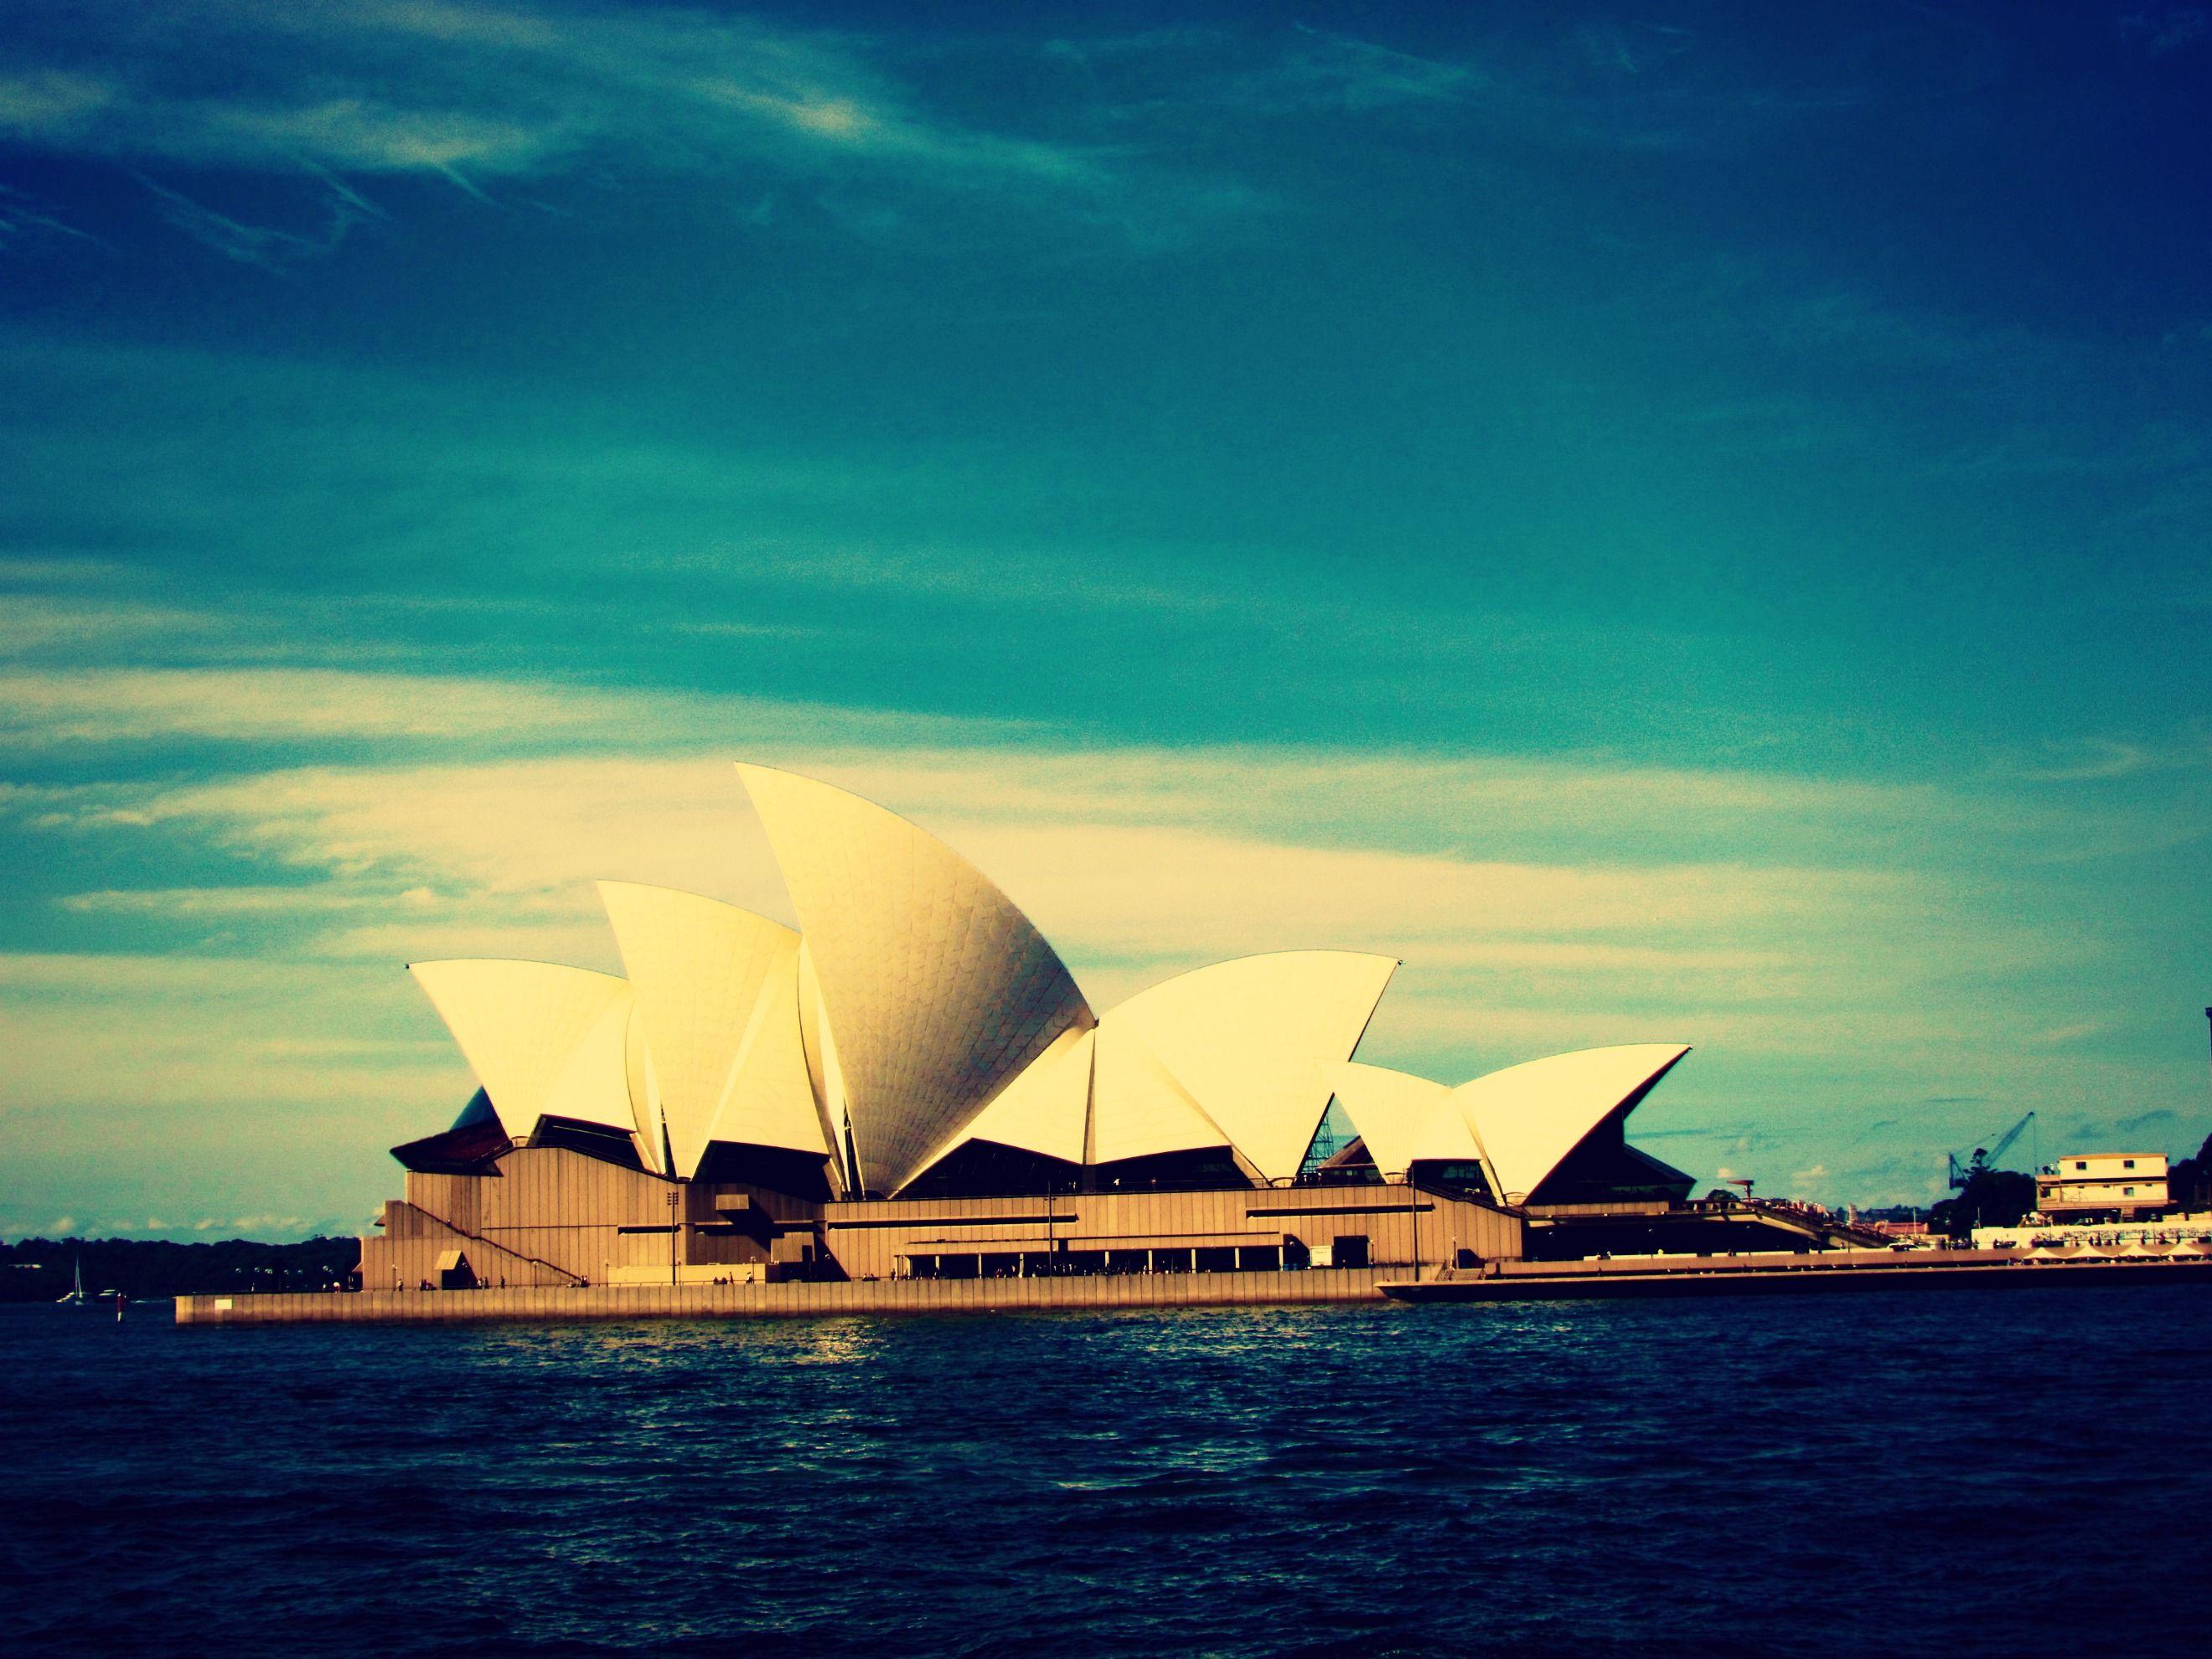 ¡Oportunidad imperdible! Gobierno de Australia ofrece becas para Pregrado, Maestría, Doctorado, Investigación y Programas Vocacionales en Diversos Temas. Entérate cómo acceder a esta beca ingresando a: http://www.becasparacolombianos.com/australia2017 ¿Te parece útil esta información? ¡Compártela! Siempre que puedas, ayuda a los demás.